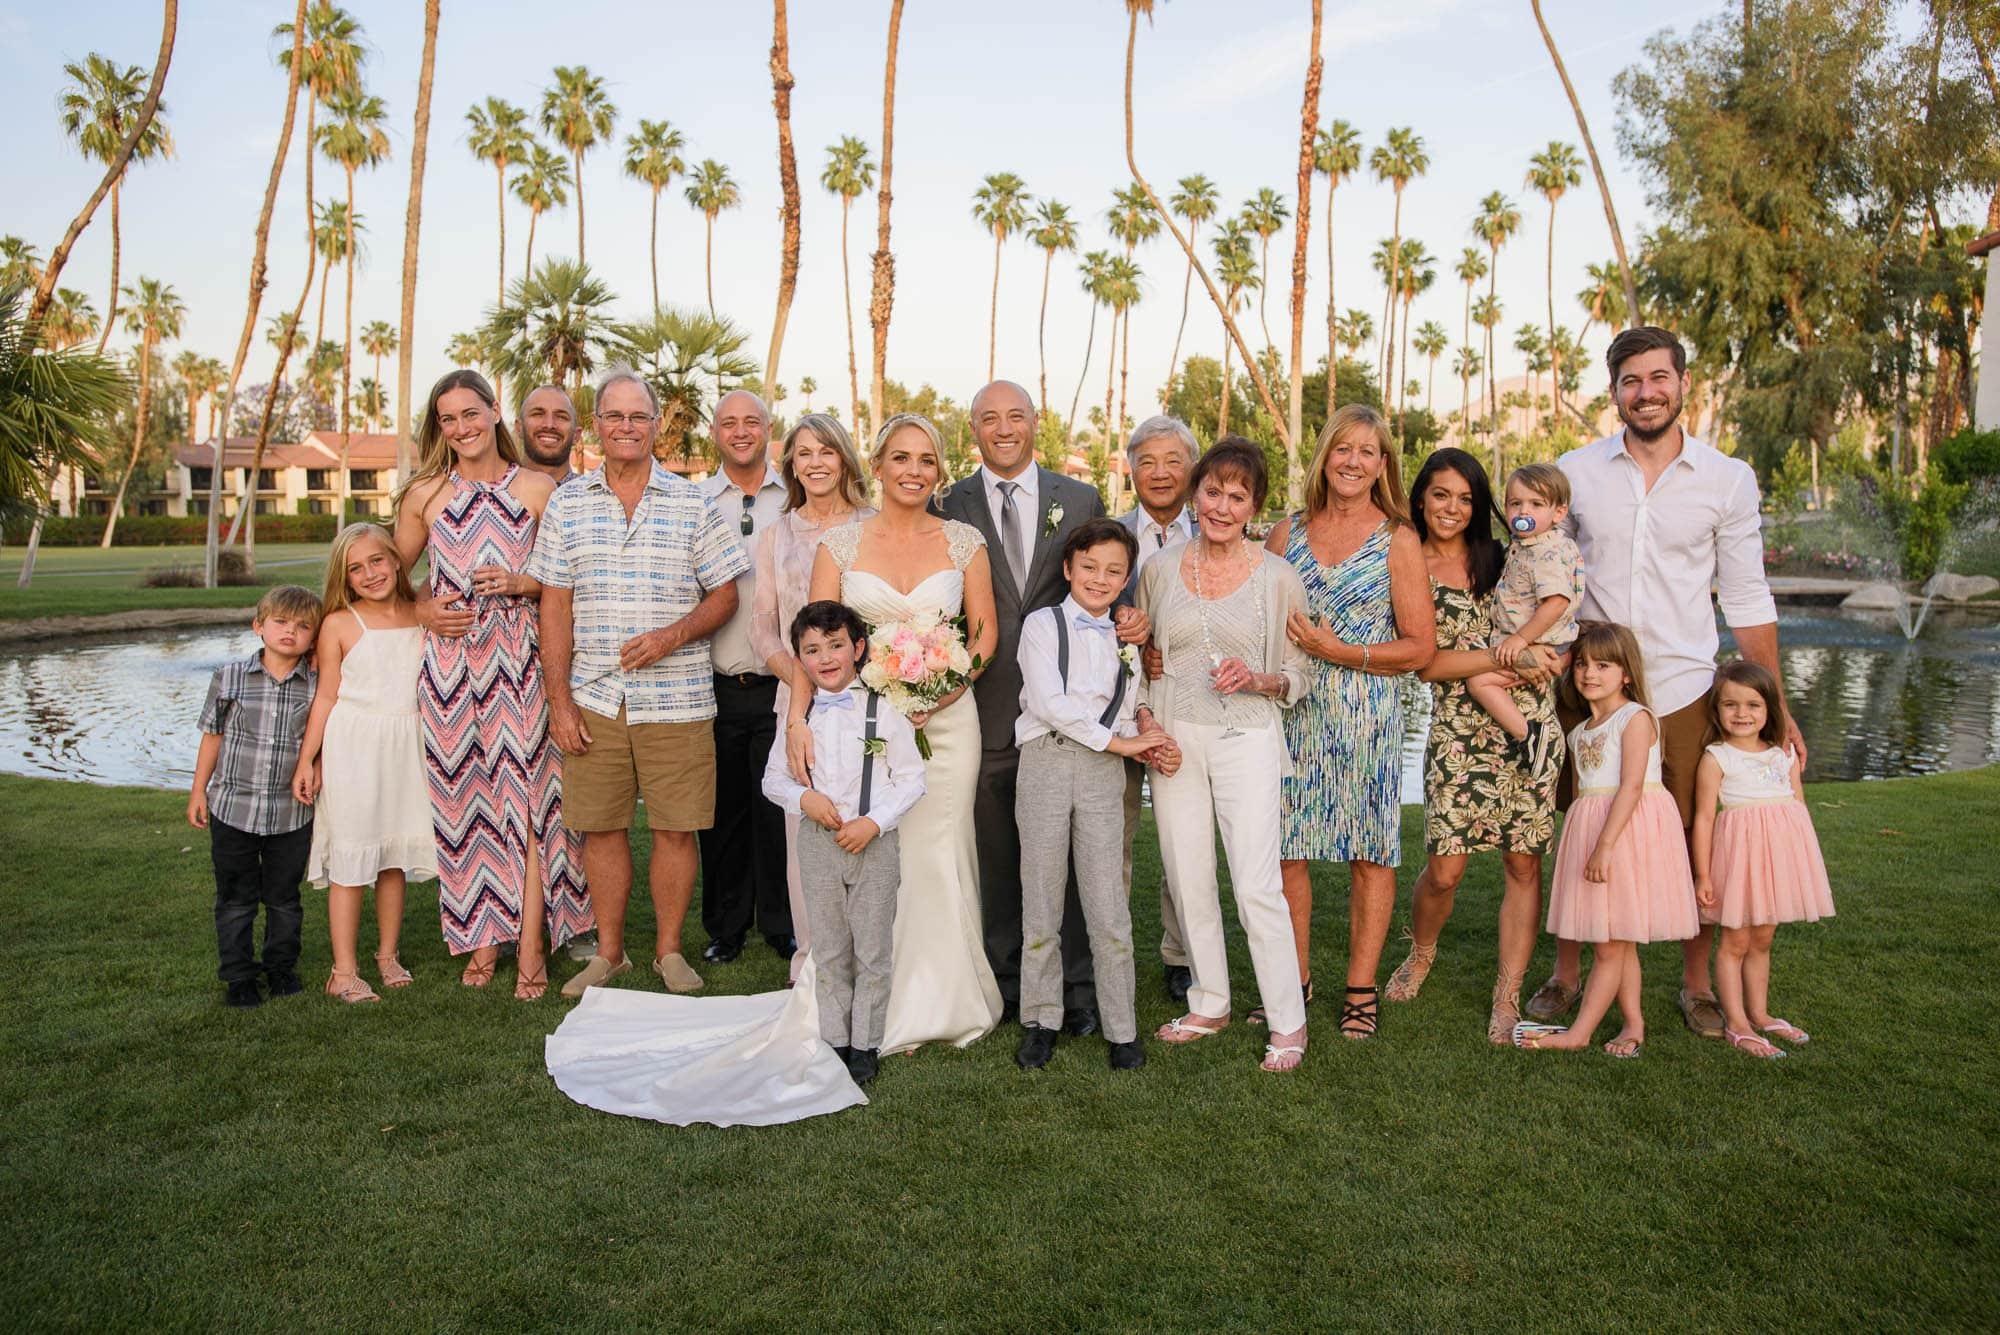 042_Alan_and_Heidi_Wedding_Amanda_Chad